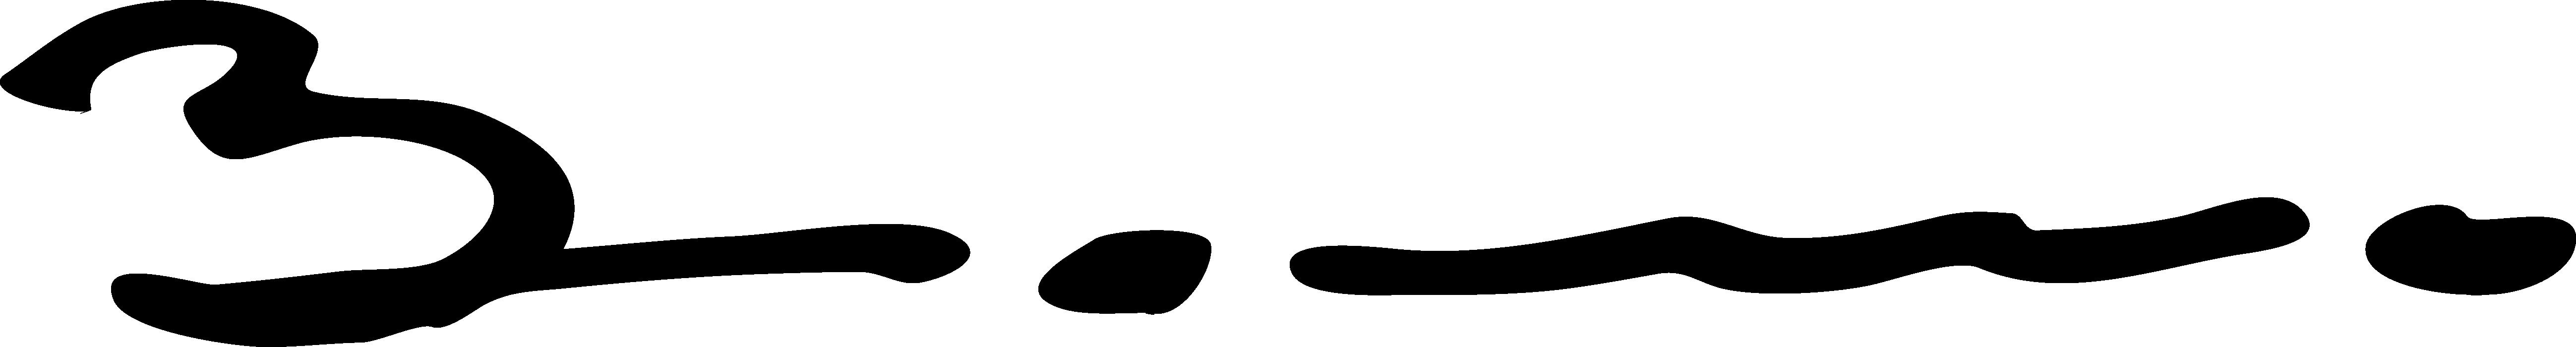 Wilfredo calvo's Signature